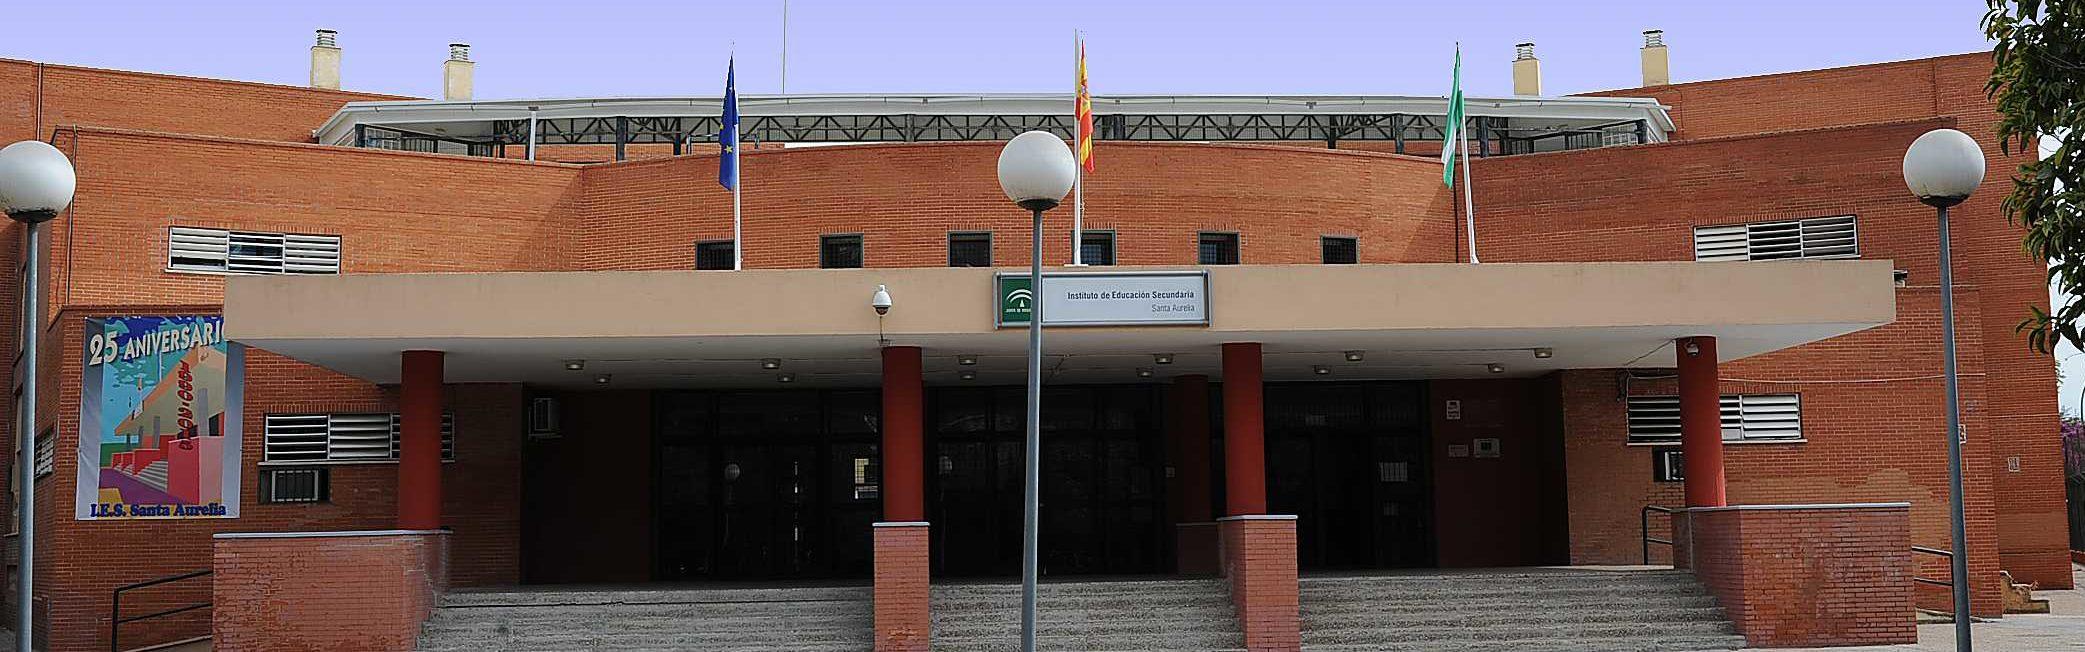 Institut Santa Aurélia. Séville